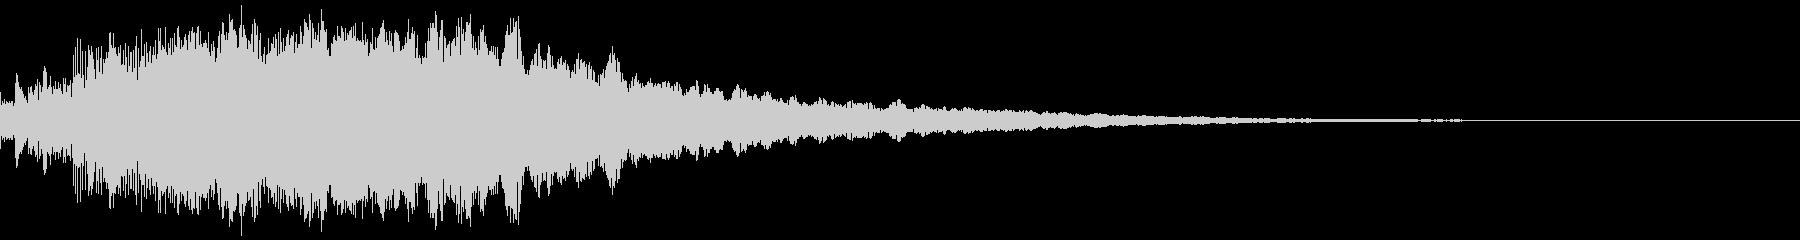 キラリン!(アイテムゲット、決定音)の未再生の波形